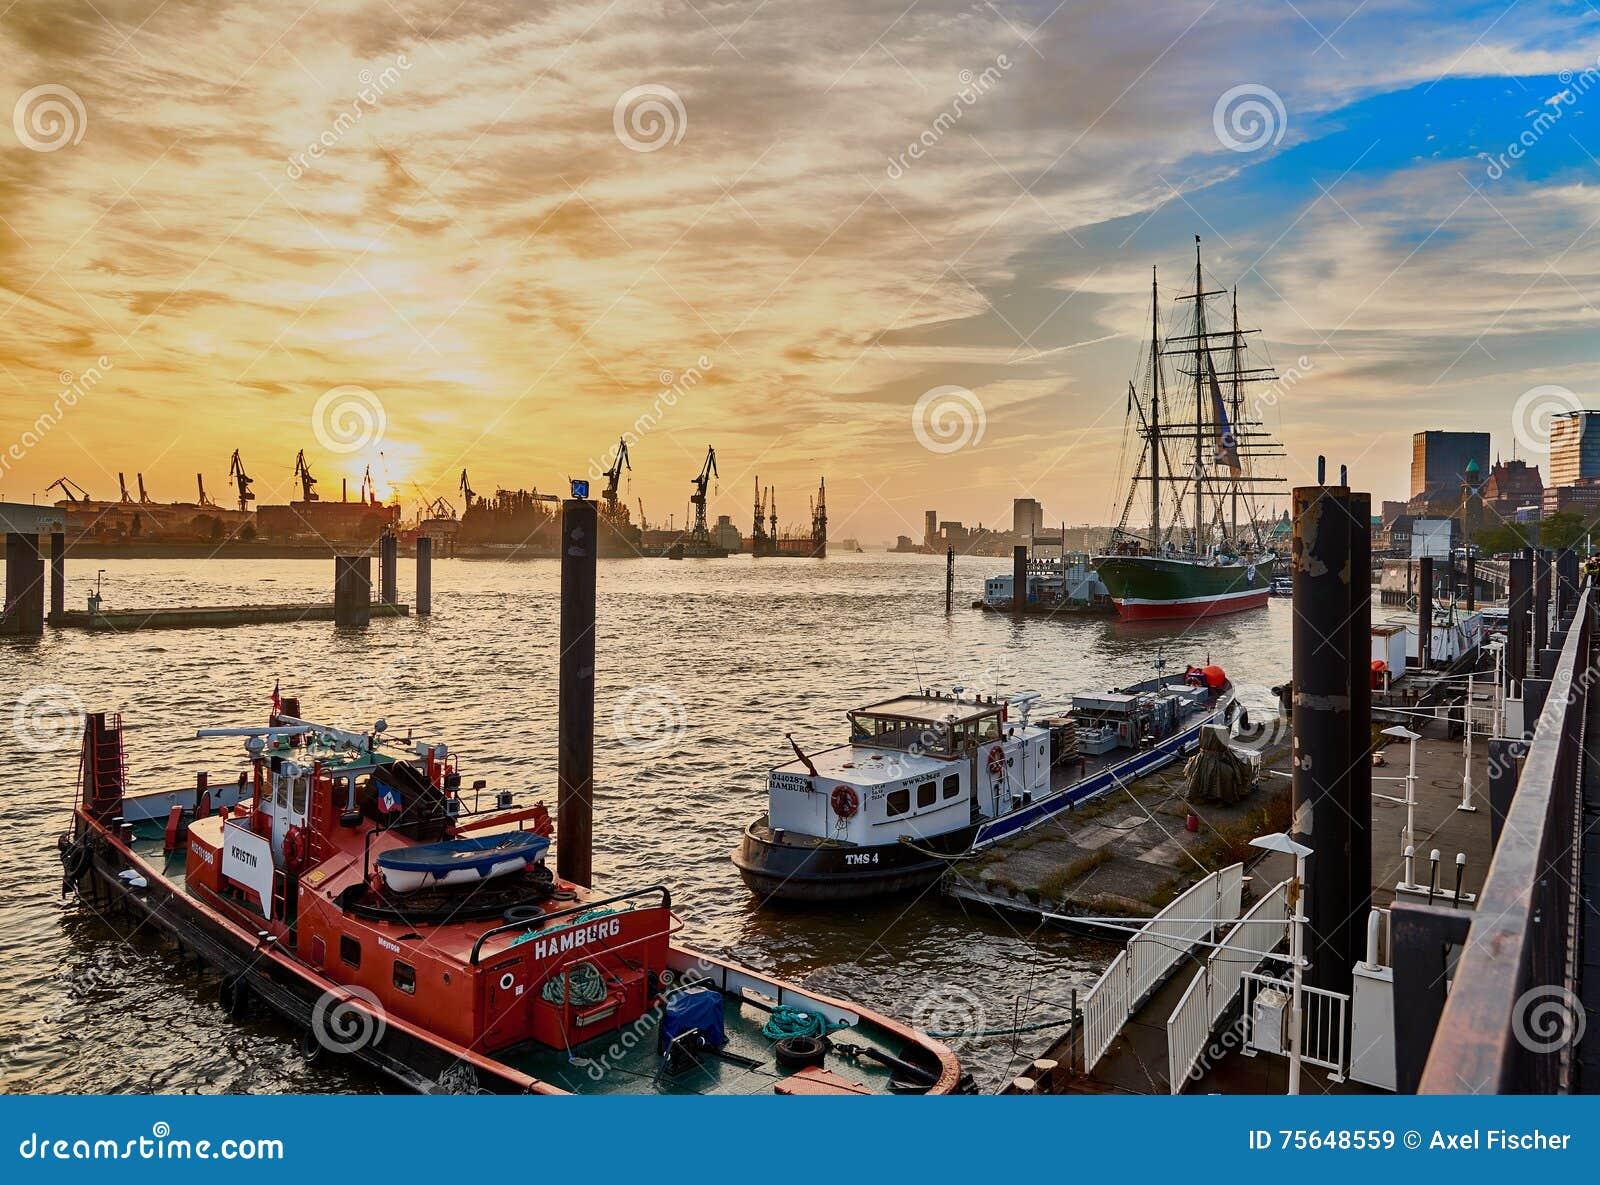 HAMBURG, GERMANY - NOVEMBER 01, 2016: Scenic sundown at harbor o